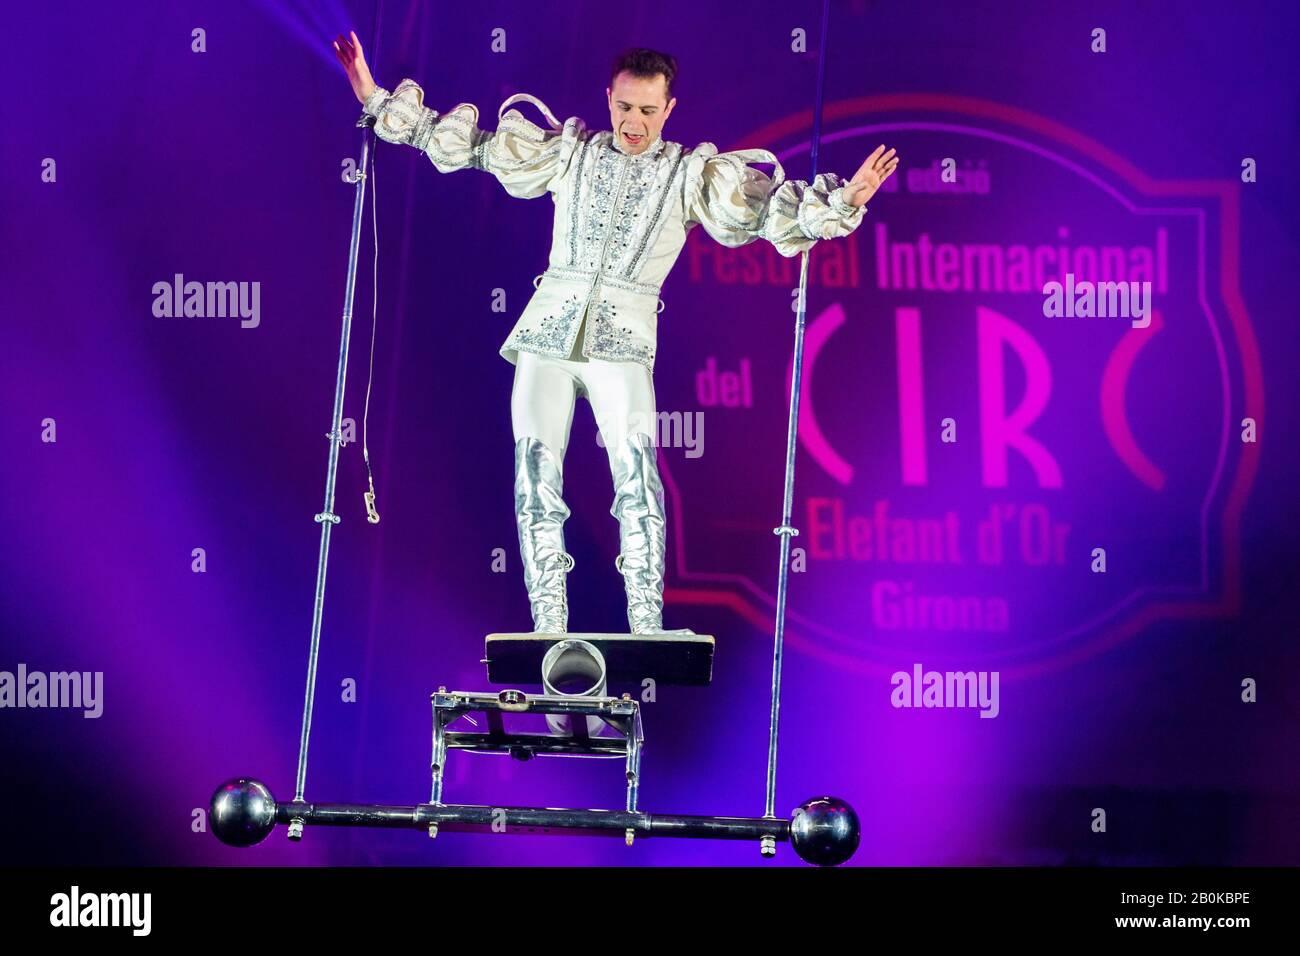 Gérone, ESPAGNE - 17 FÉVRIER : Biélorussie Vladimir Ivanov effectue un équilibrage lors du Festival International du cirque Elefant d'Or au Parc de la Devesa sur Fe Banque D'Images